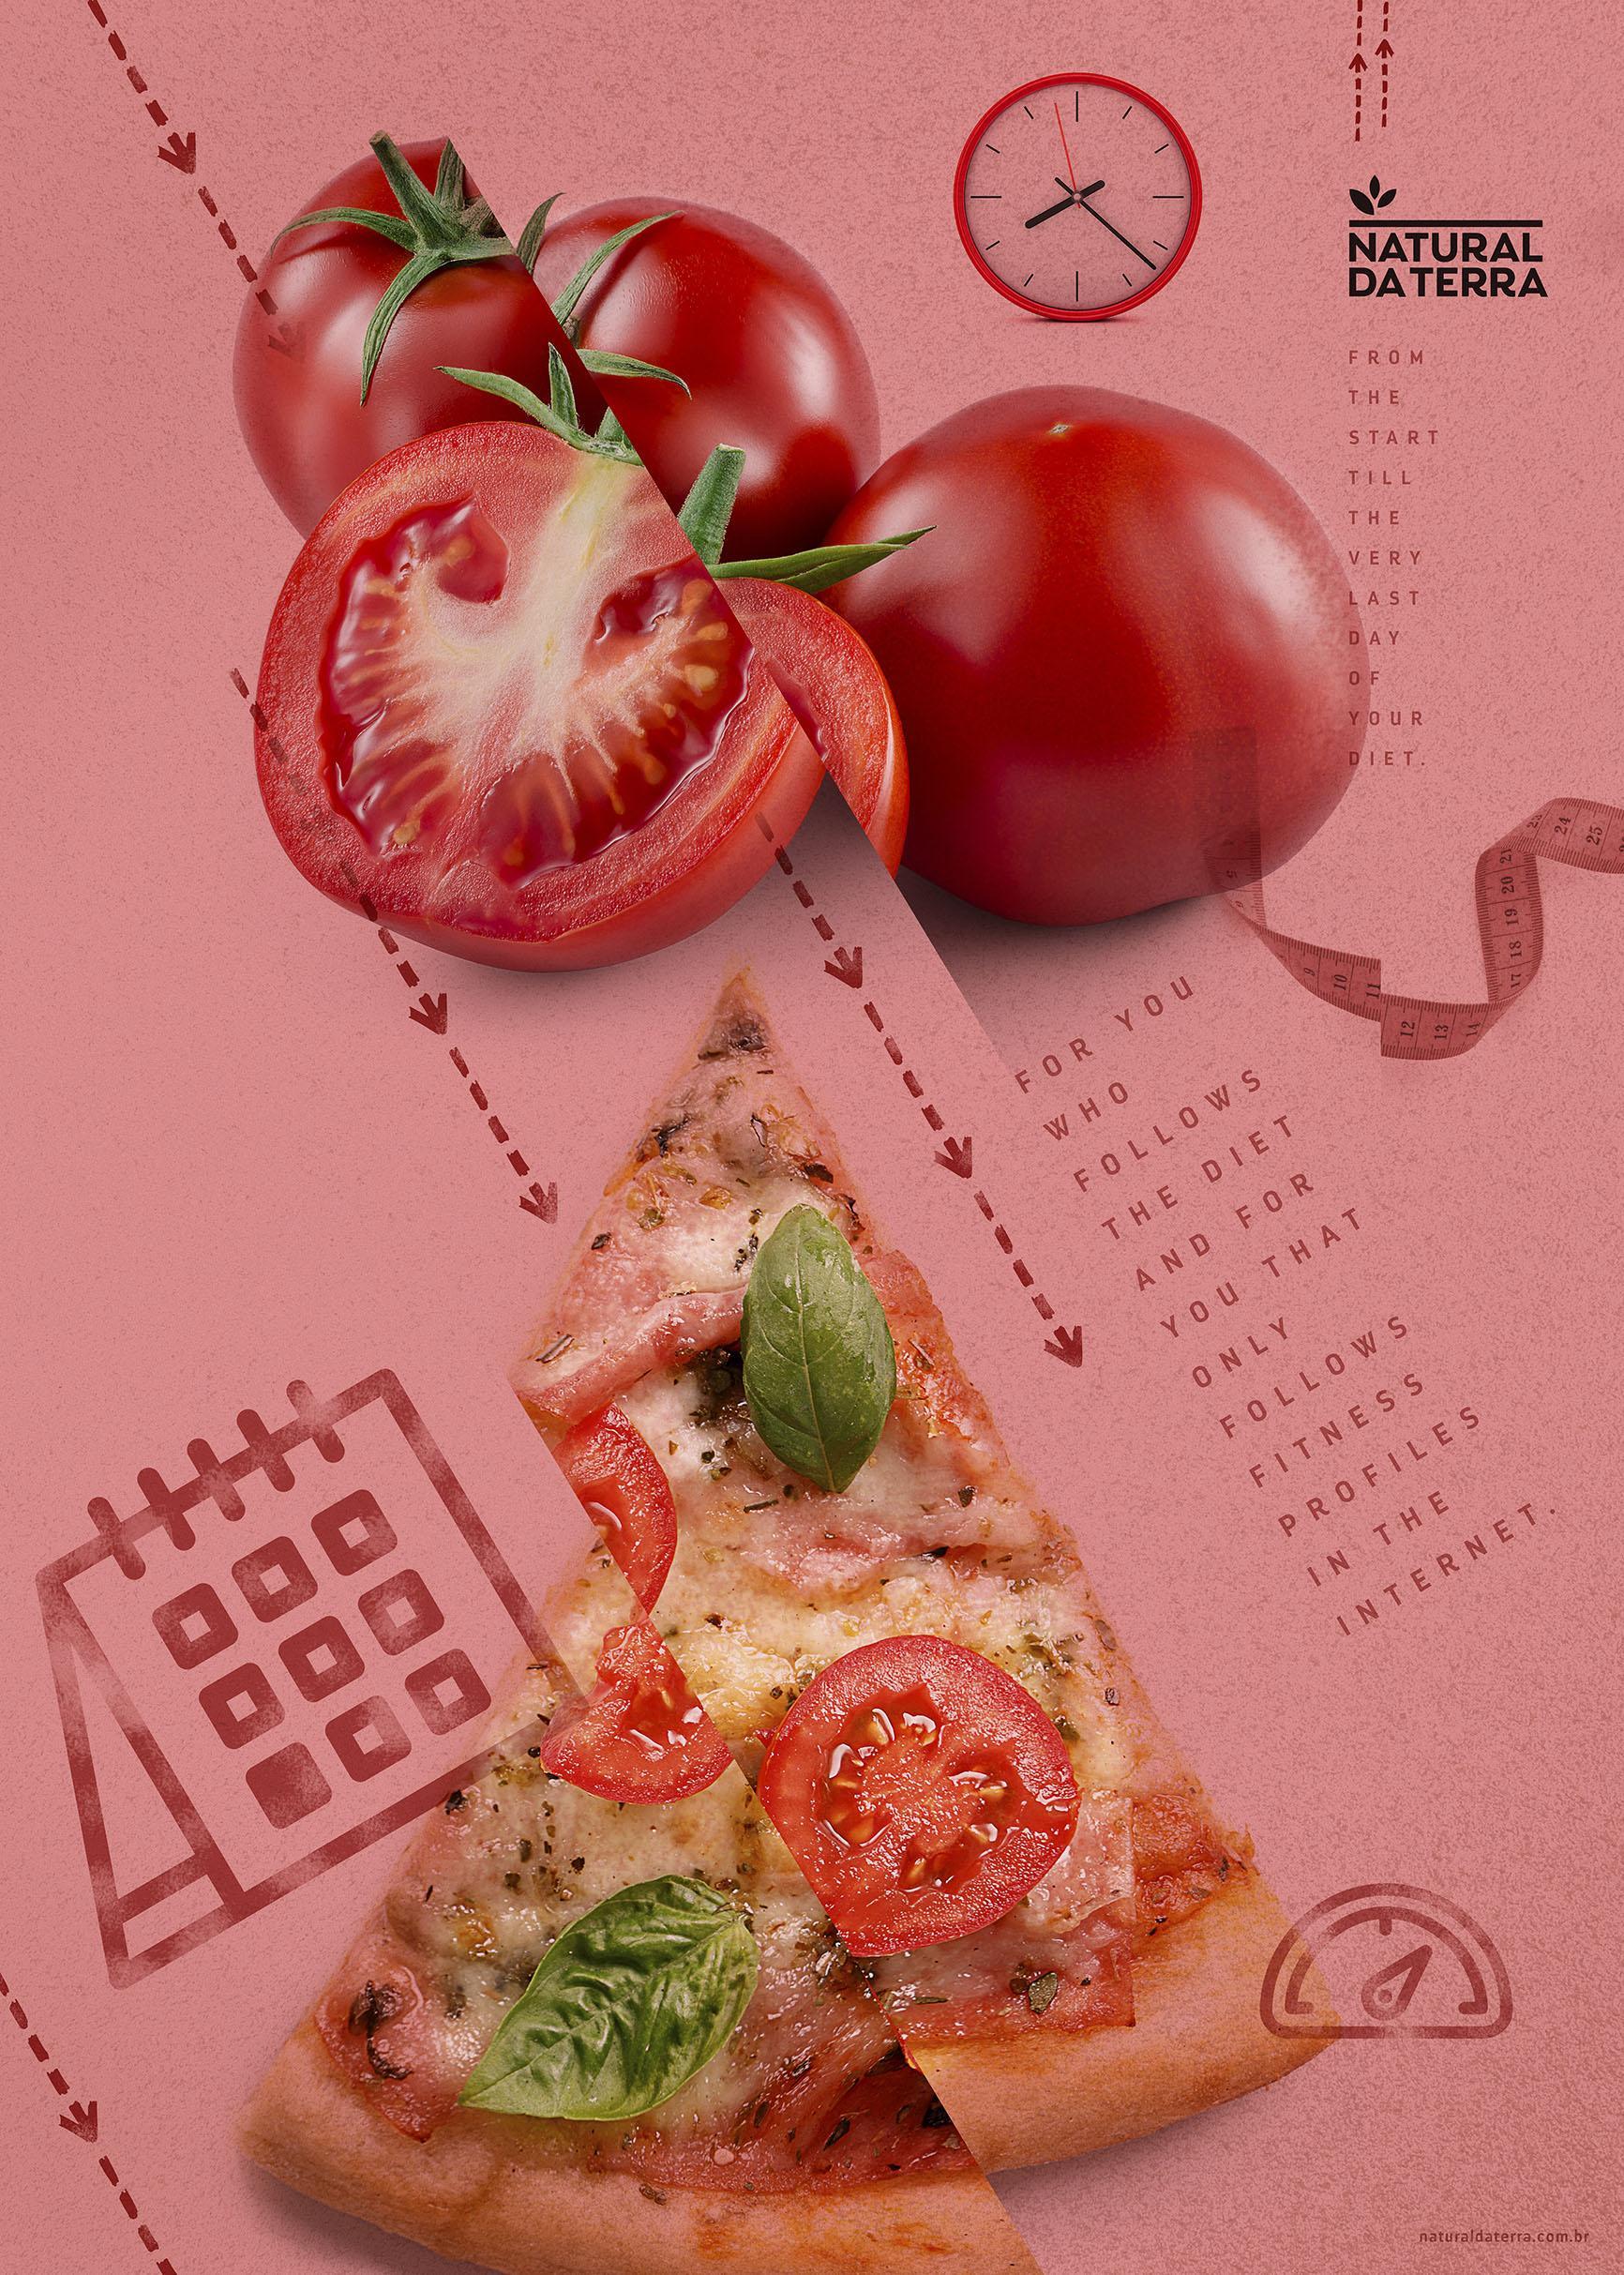 Natural da Terra Print Ad - Diet - Tomato